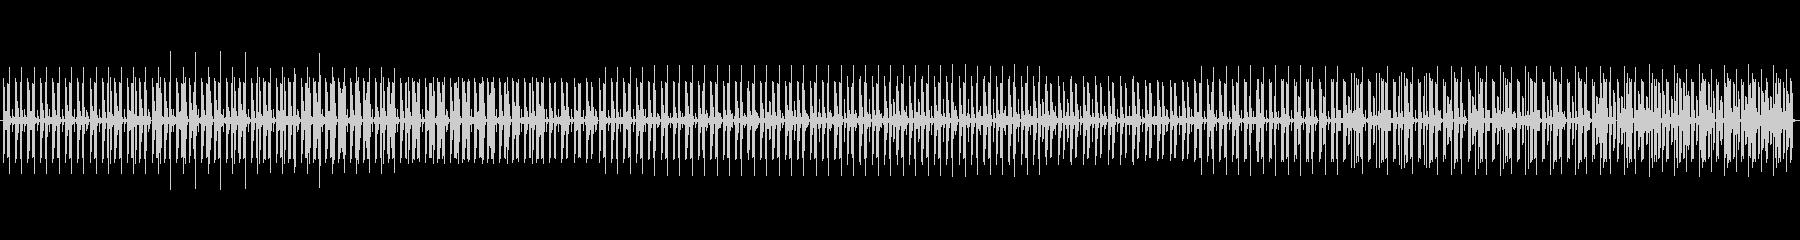 忍びこむドラムループ、ゆっくり静かにの未再生の波形